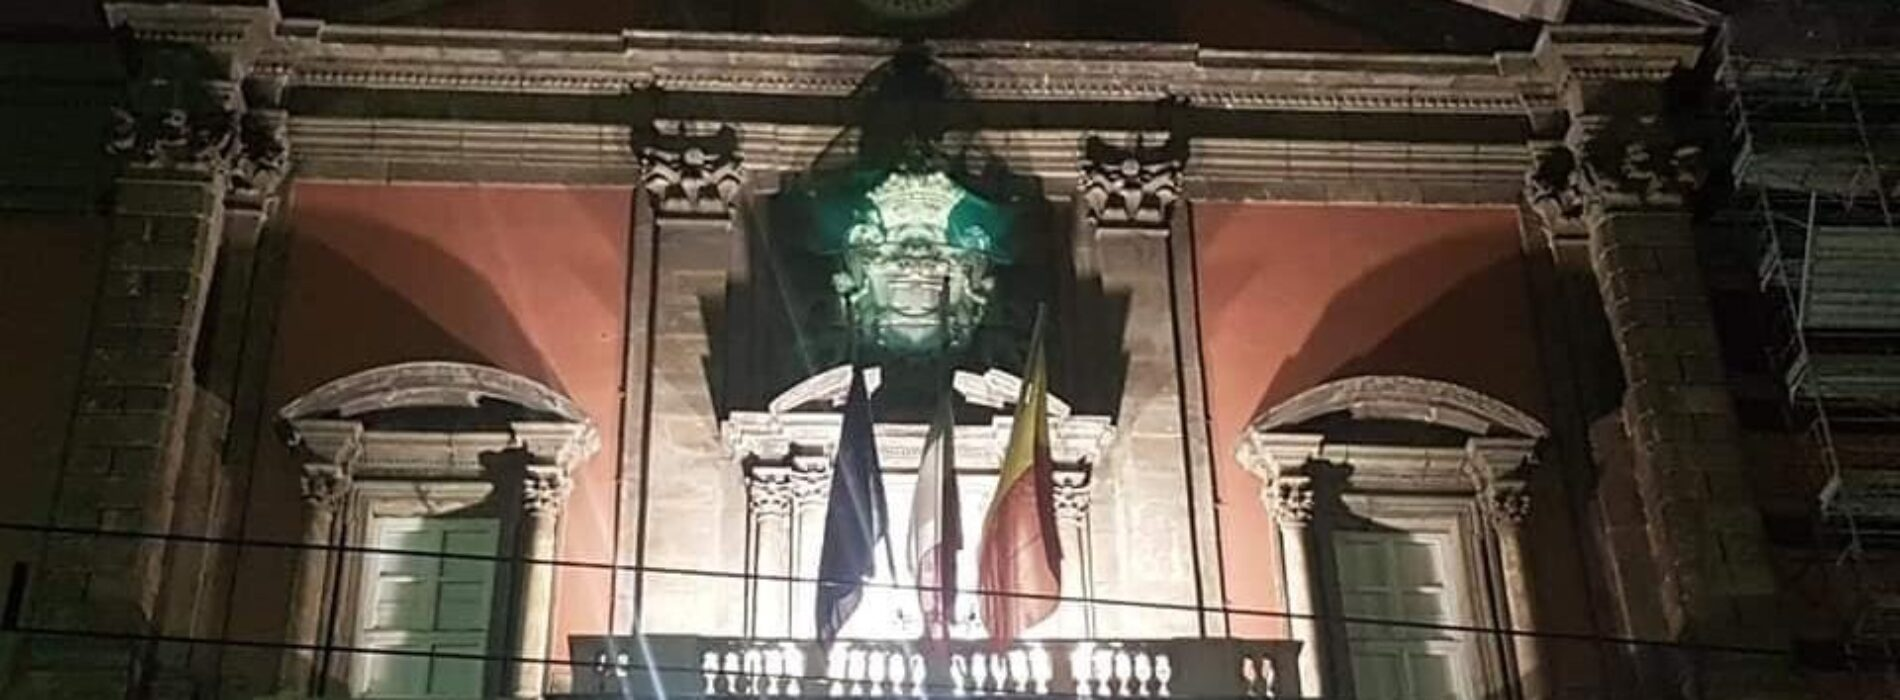 Napoli. Mann, la facciata si illumina per le festività natalizie